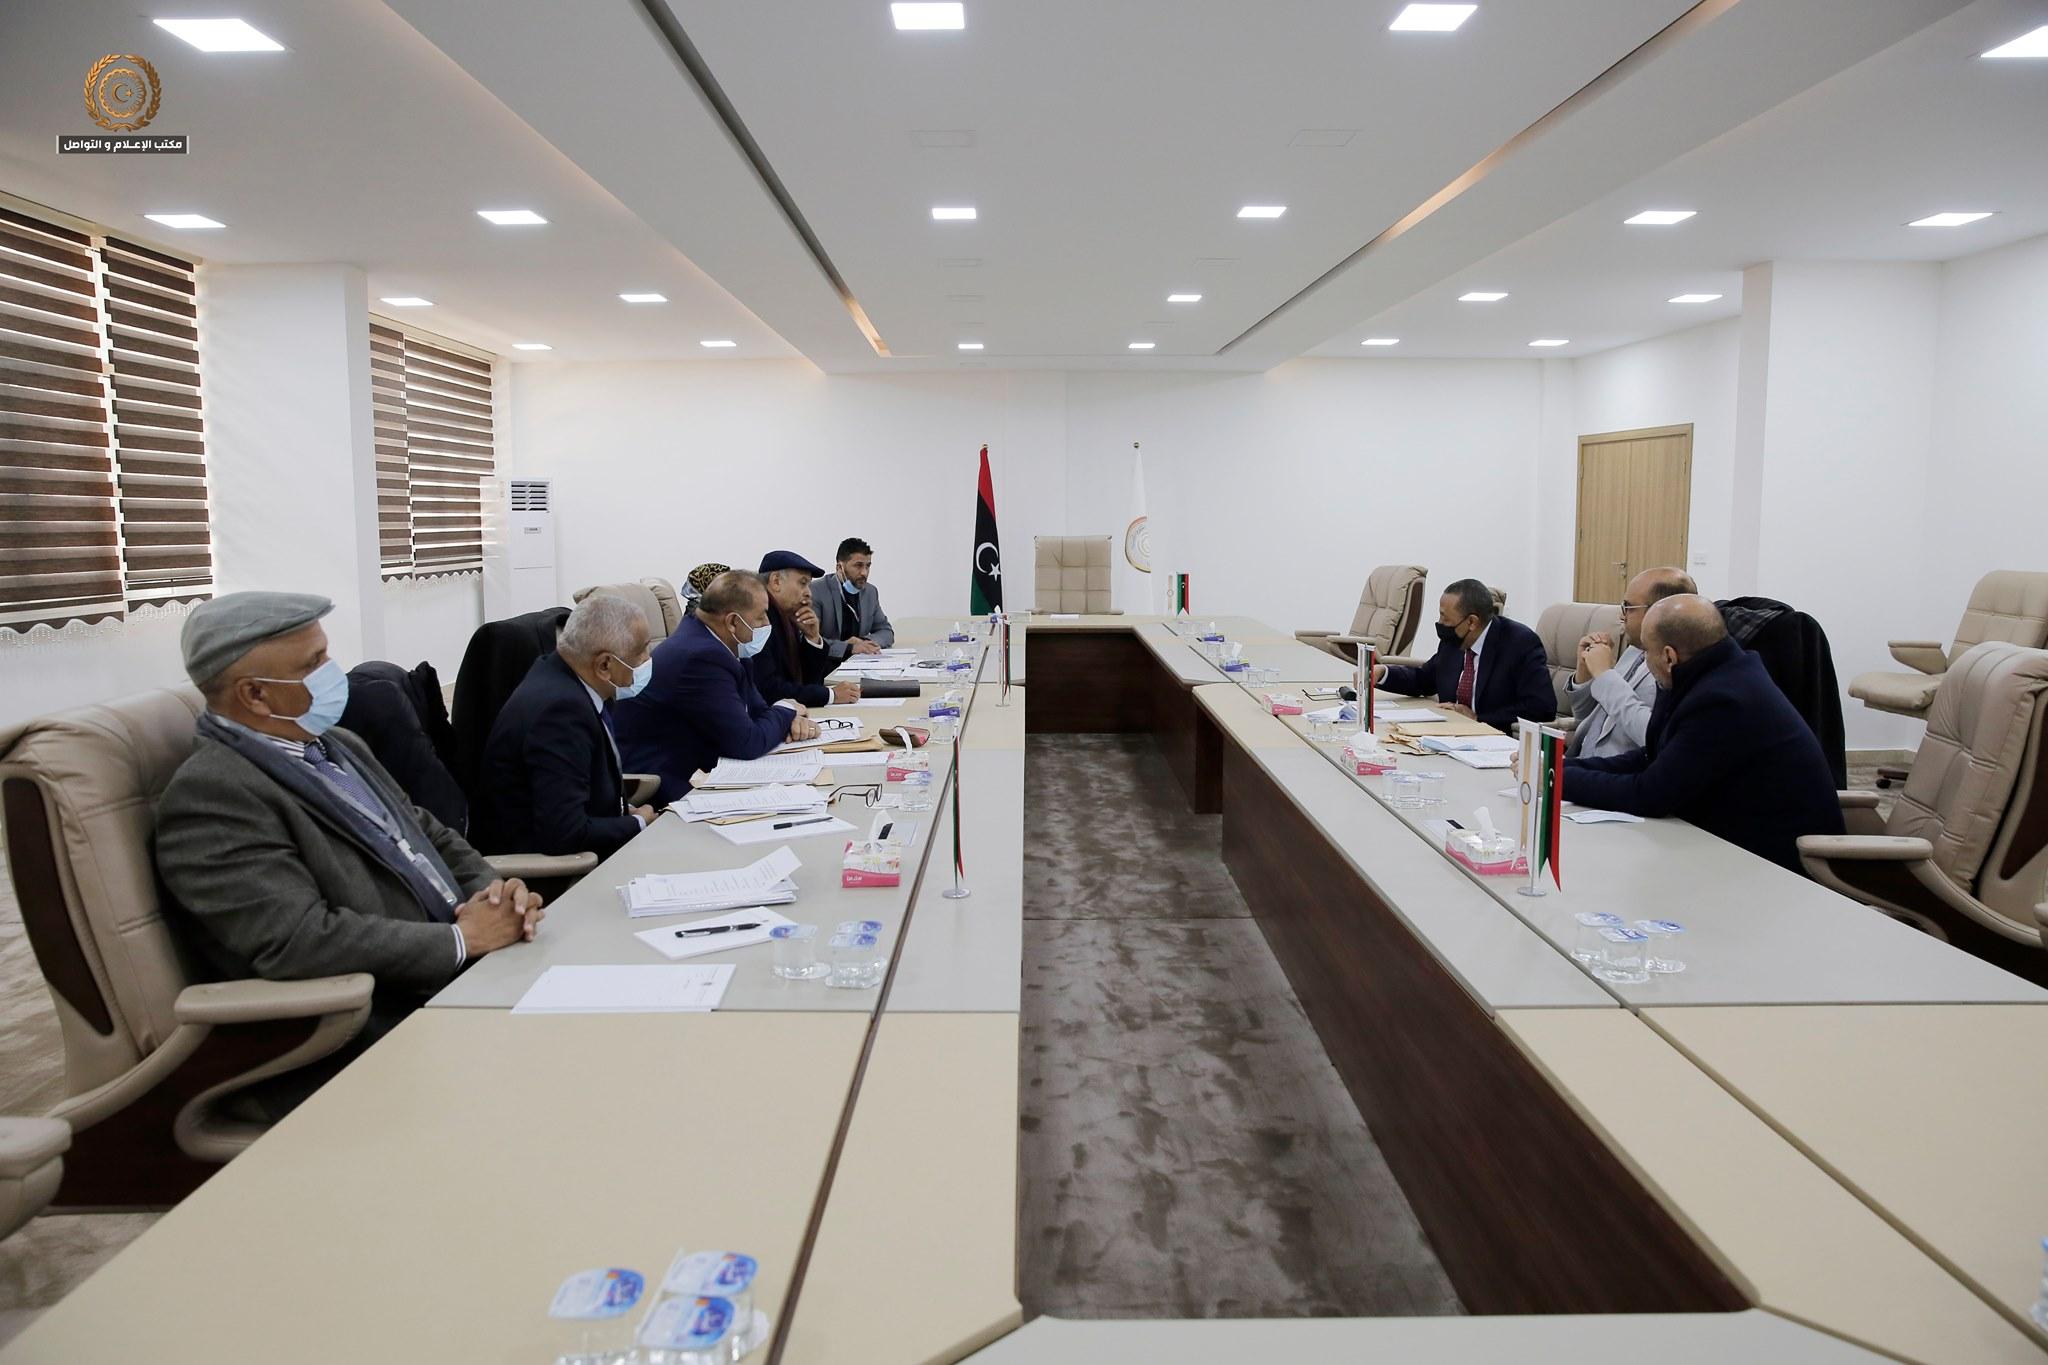 رئيس الحكومة الليبية عبدالله الثني يترأس اجتماع المؤسسة الوطنية للاستثمار